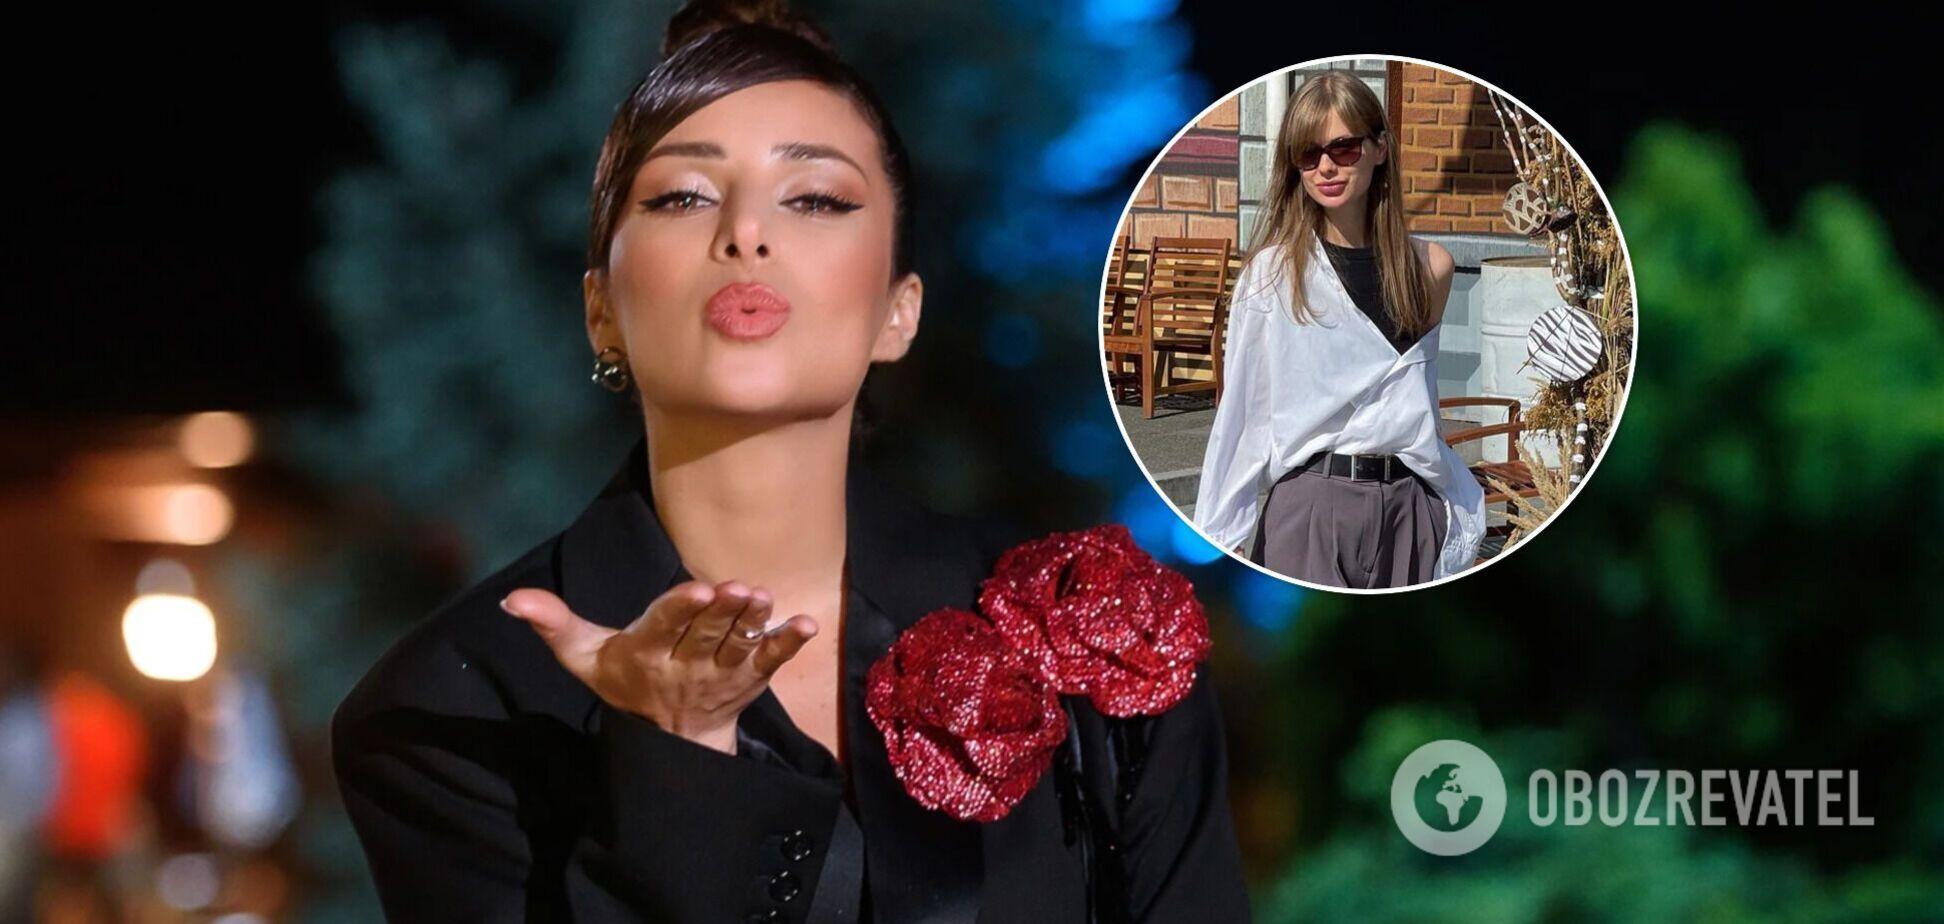 'Я б так не вдяглася': стилістка розібрала образ Злати Огнєвіч у другому випуску 'Холостячка-2'. Есклюзив